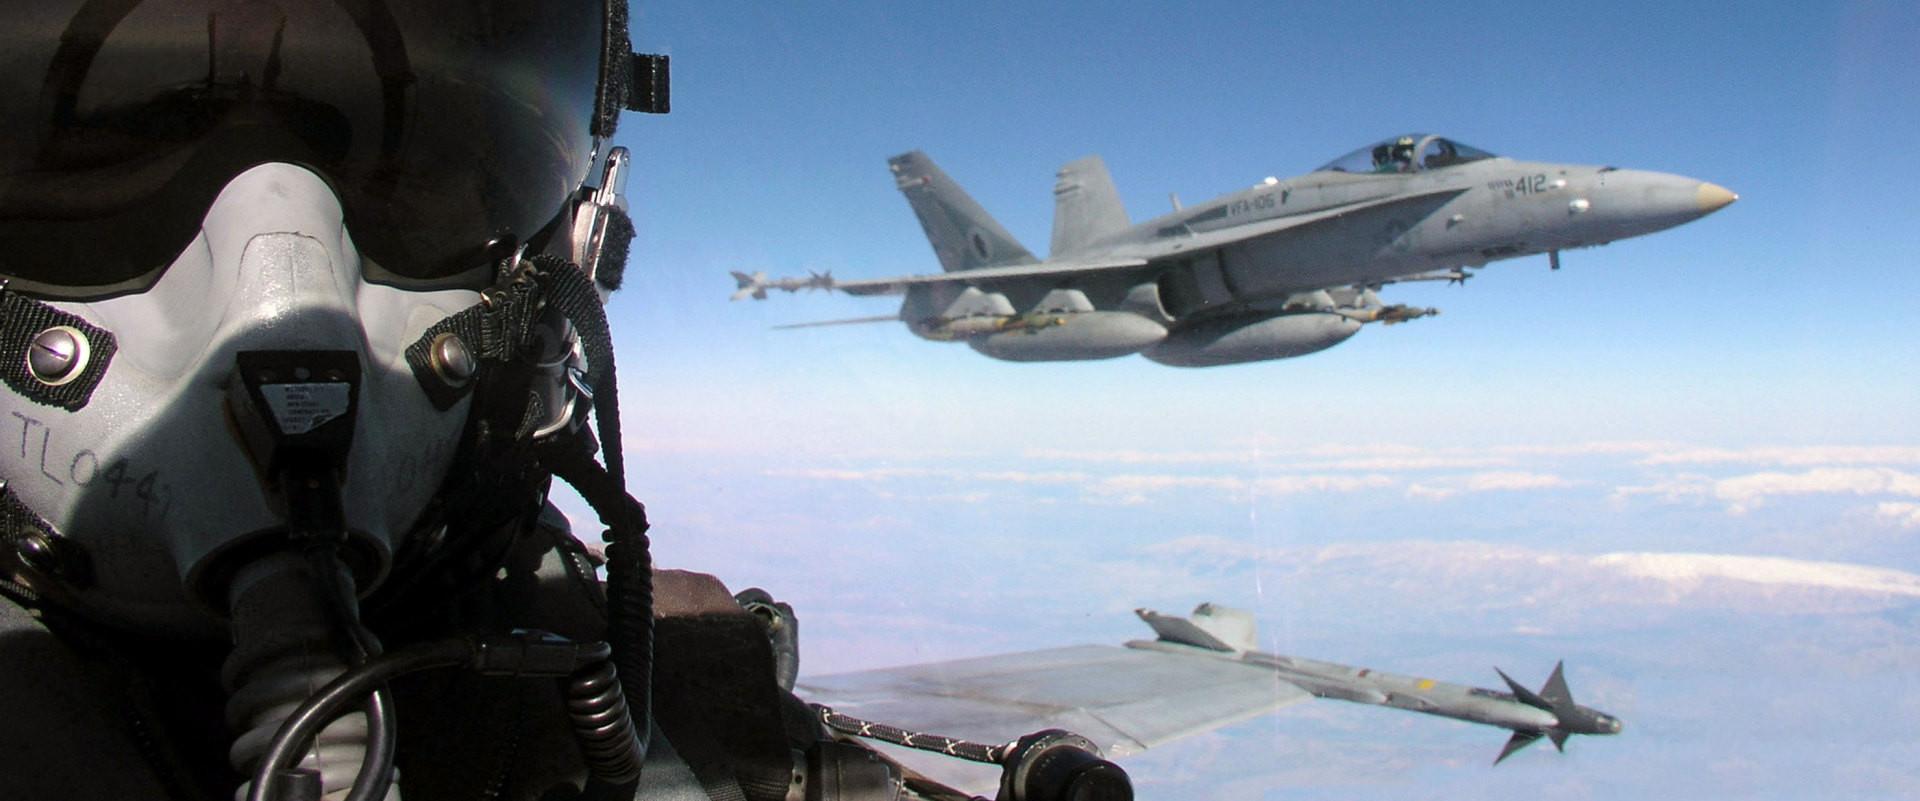 VIDEO: Britanski vojni zrakoplovi nalaze se u bazi na Cipru